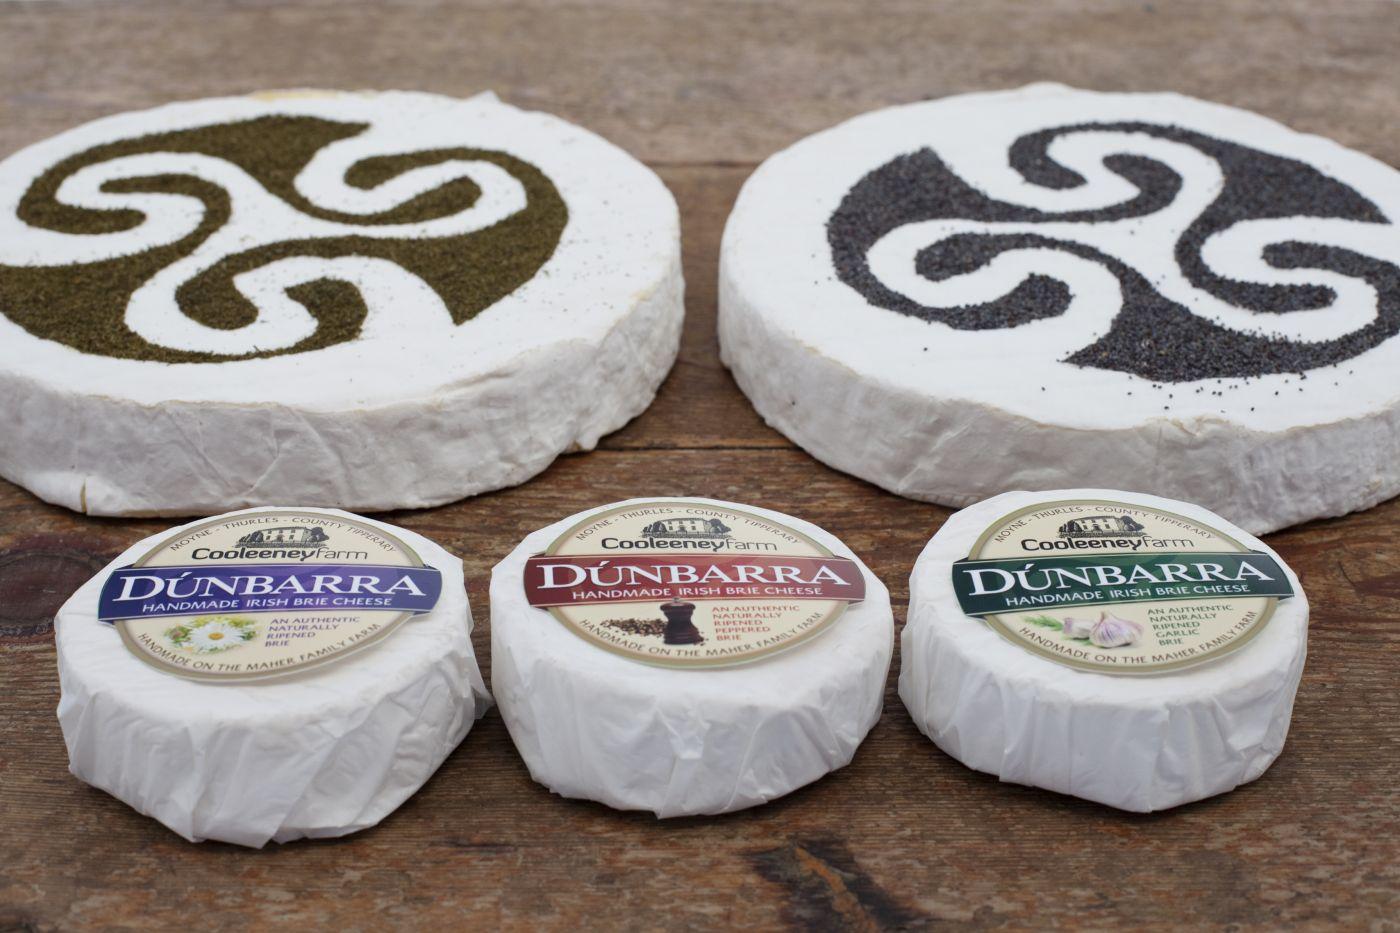 Dunbarra